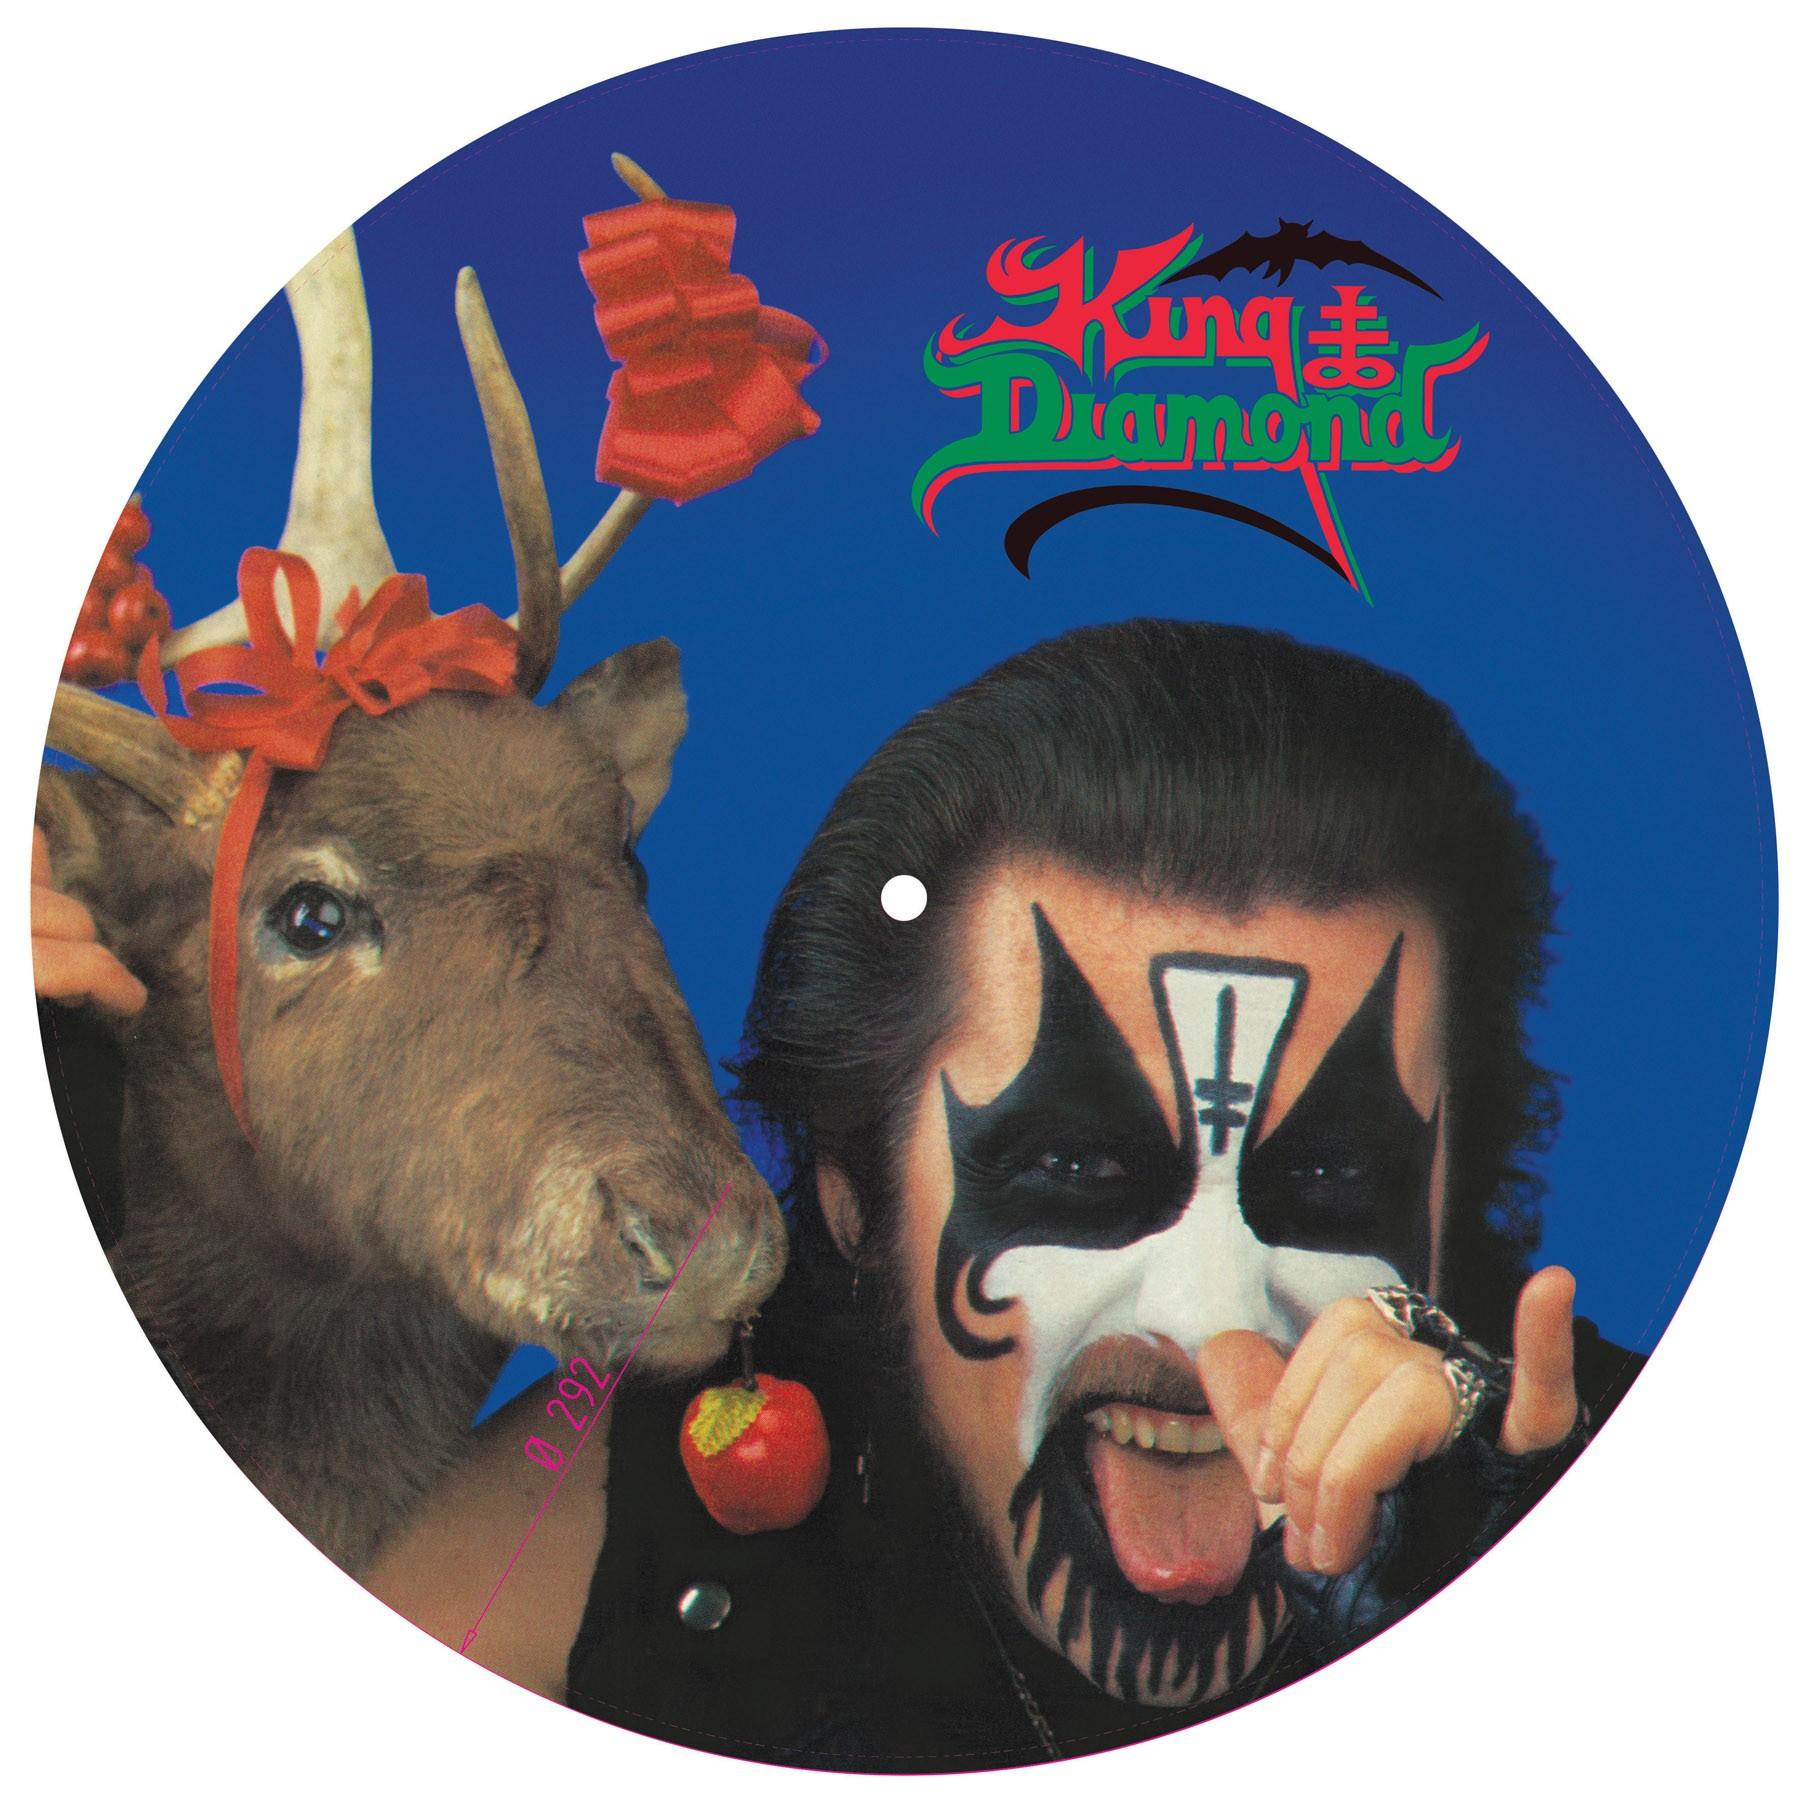 King diamond no presents for christmas - King Diamond No Presents For Christmas 3